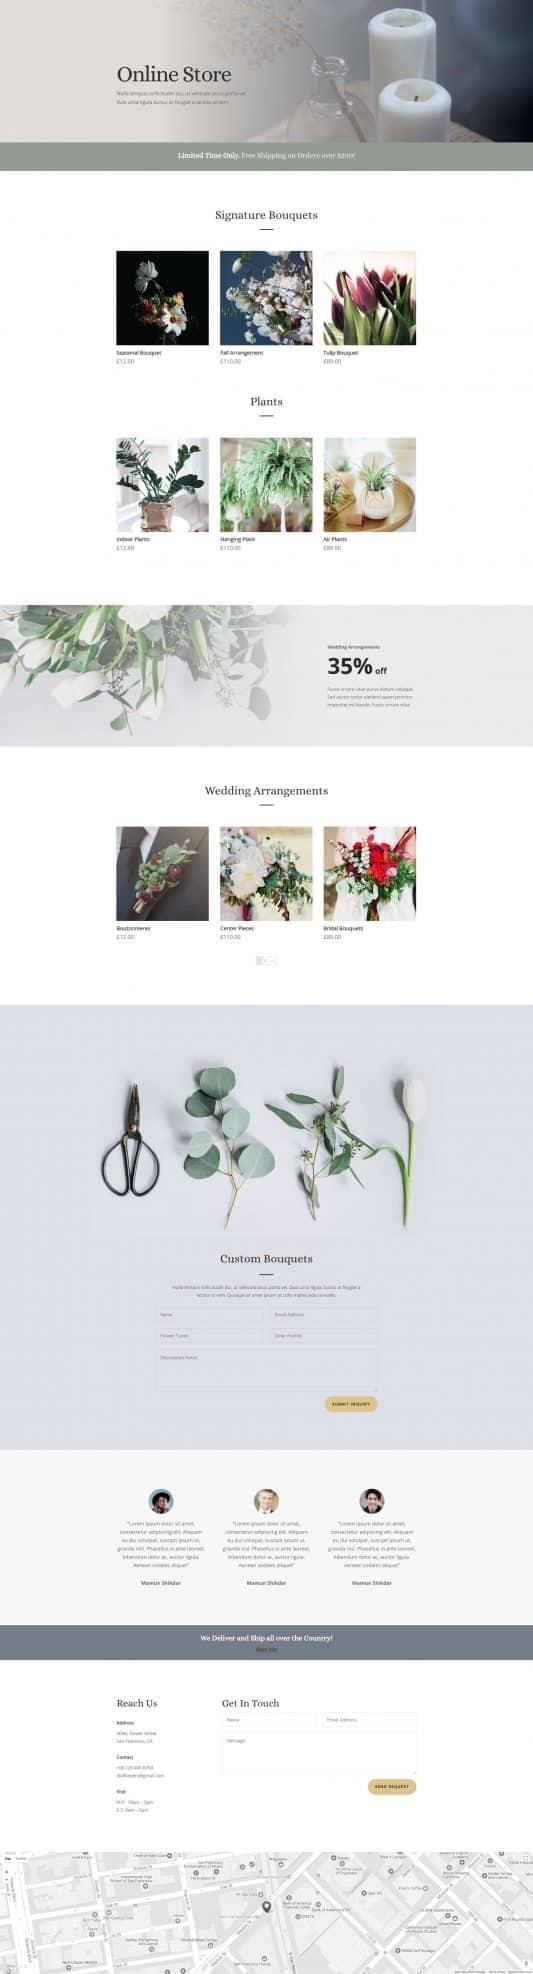 Florist Web Design 7